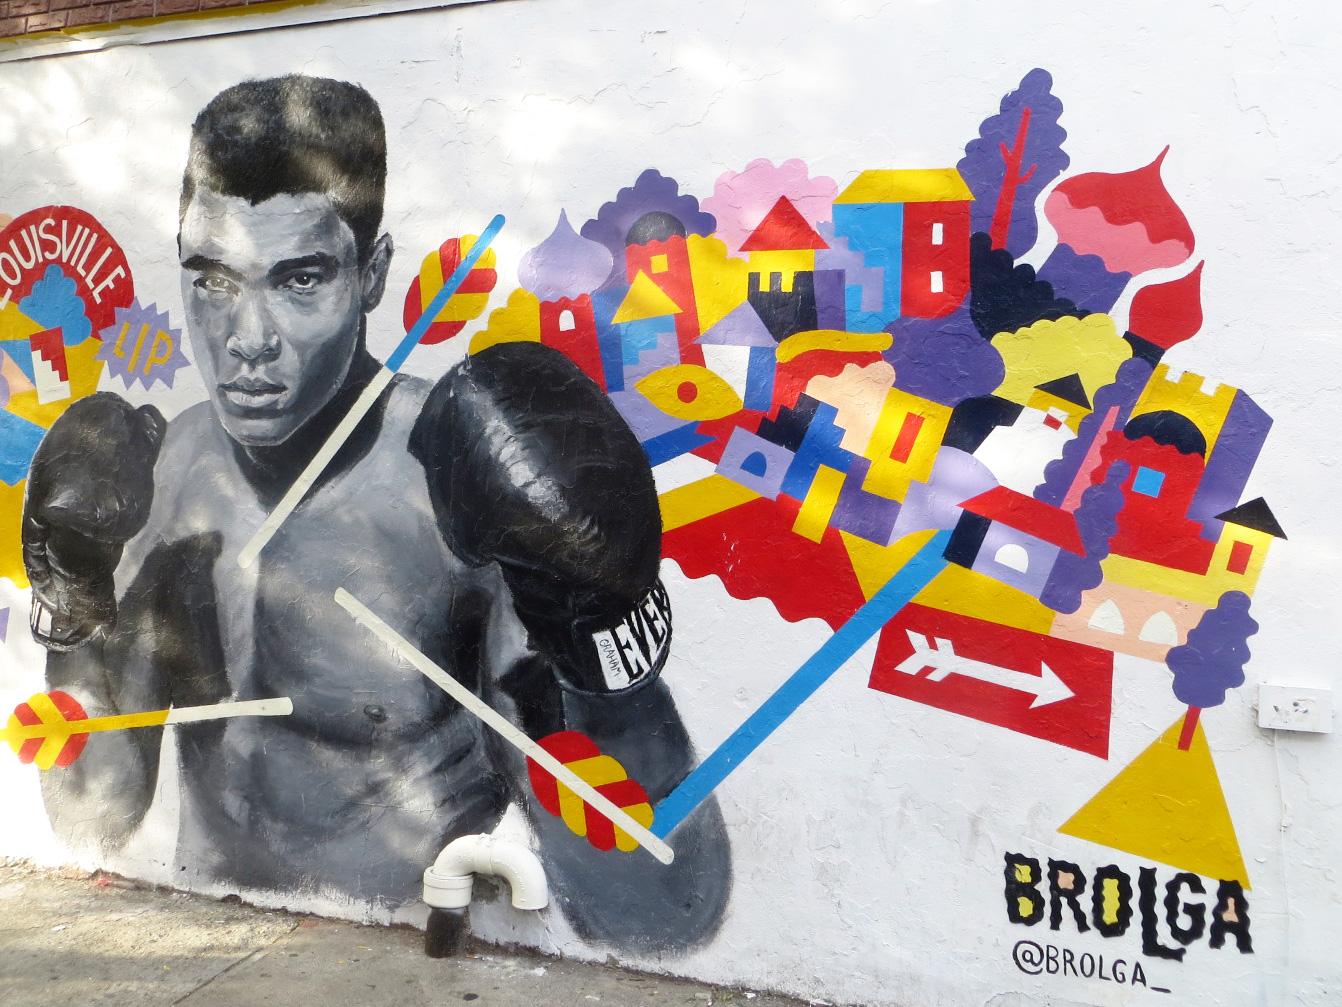 Le jour où Muhammad Ali sauva un homme d'un suicide